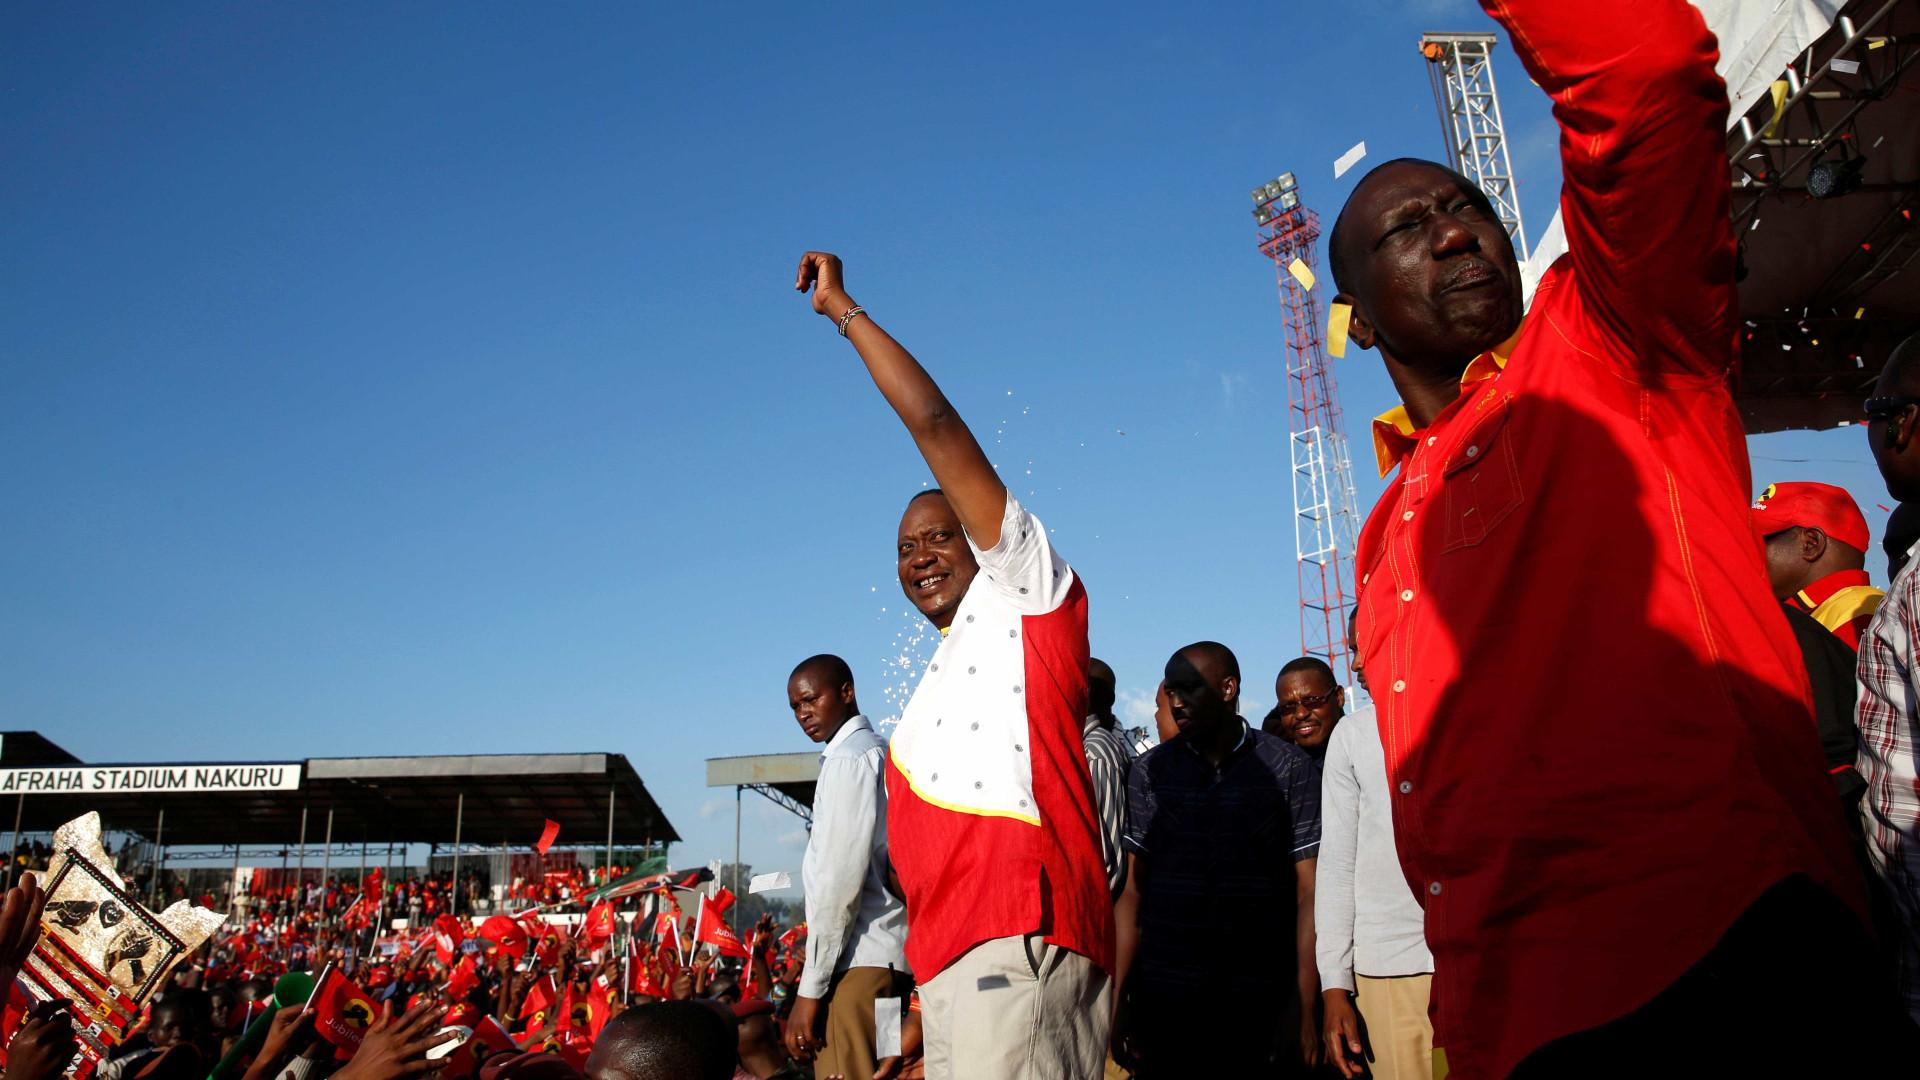 Em clima de tensão, Quênia elege novo presidente